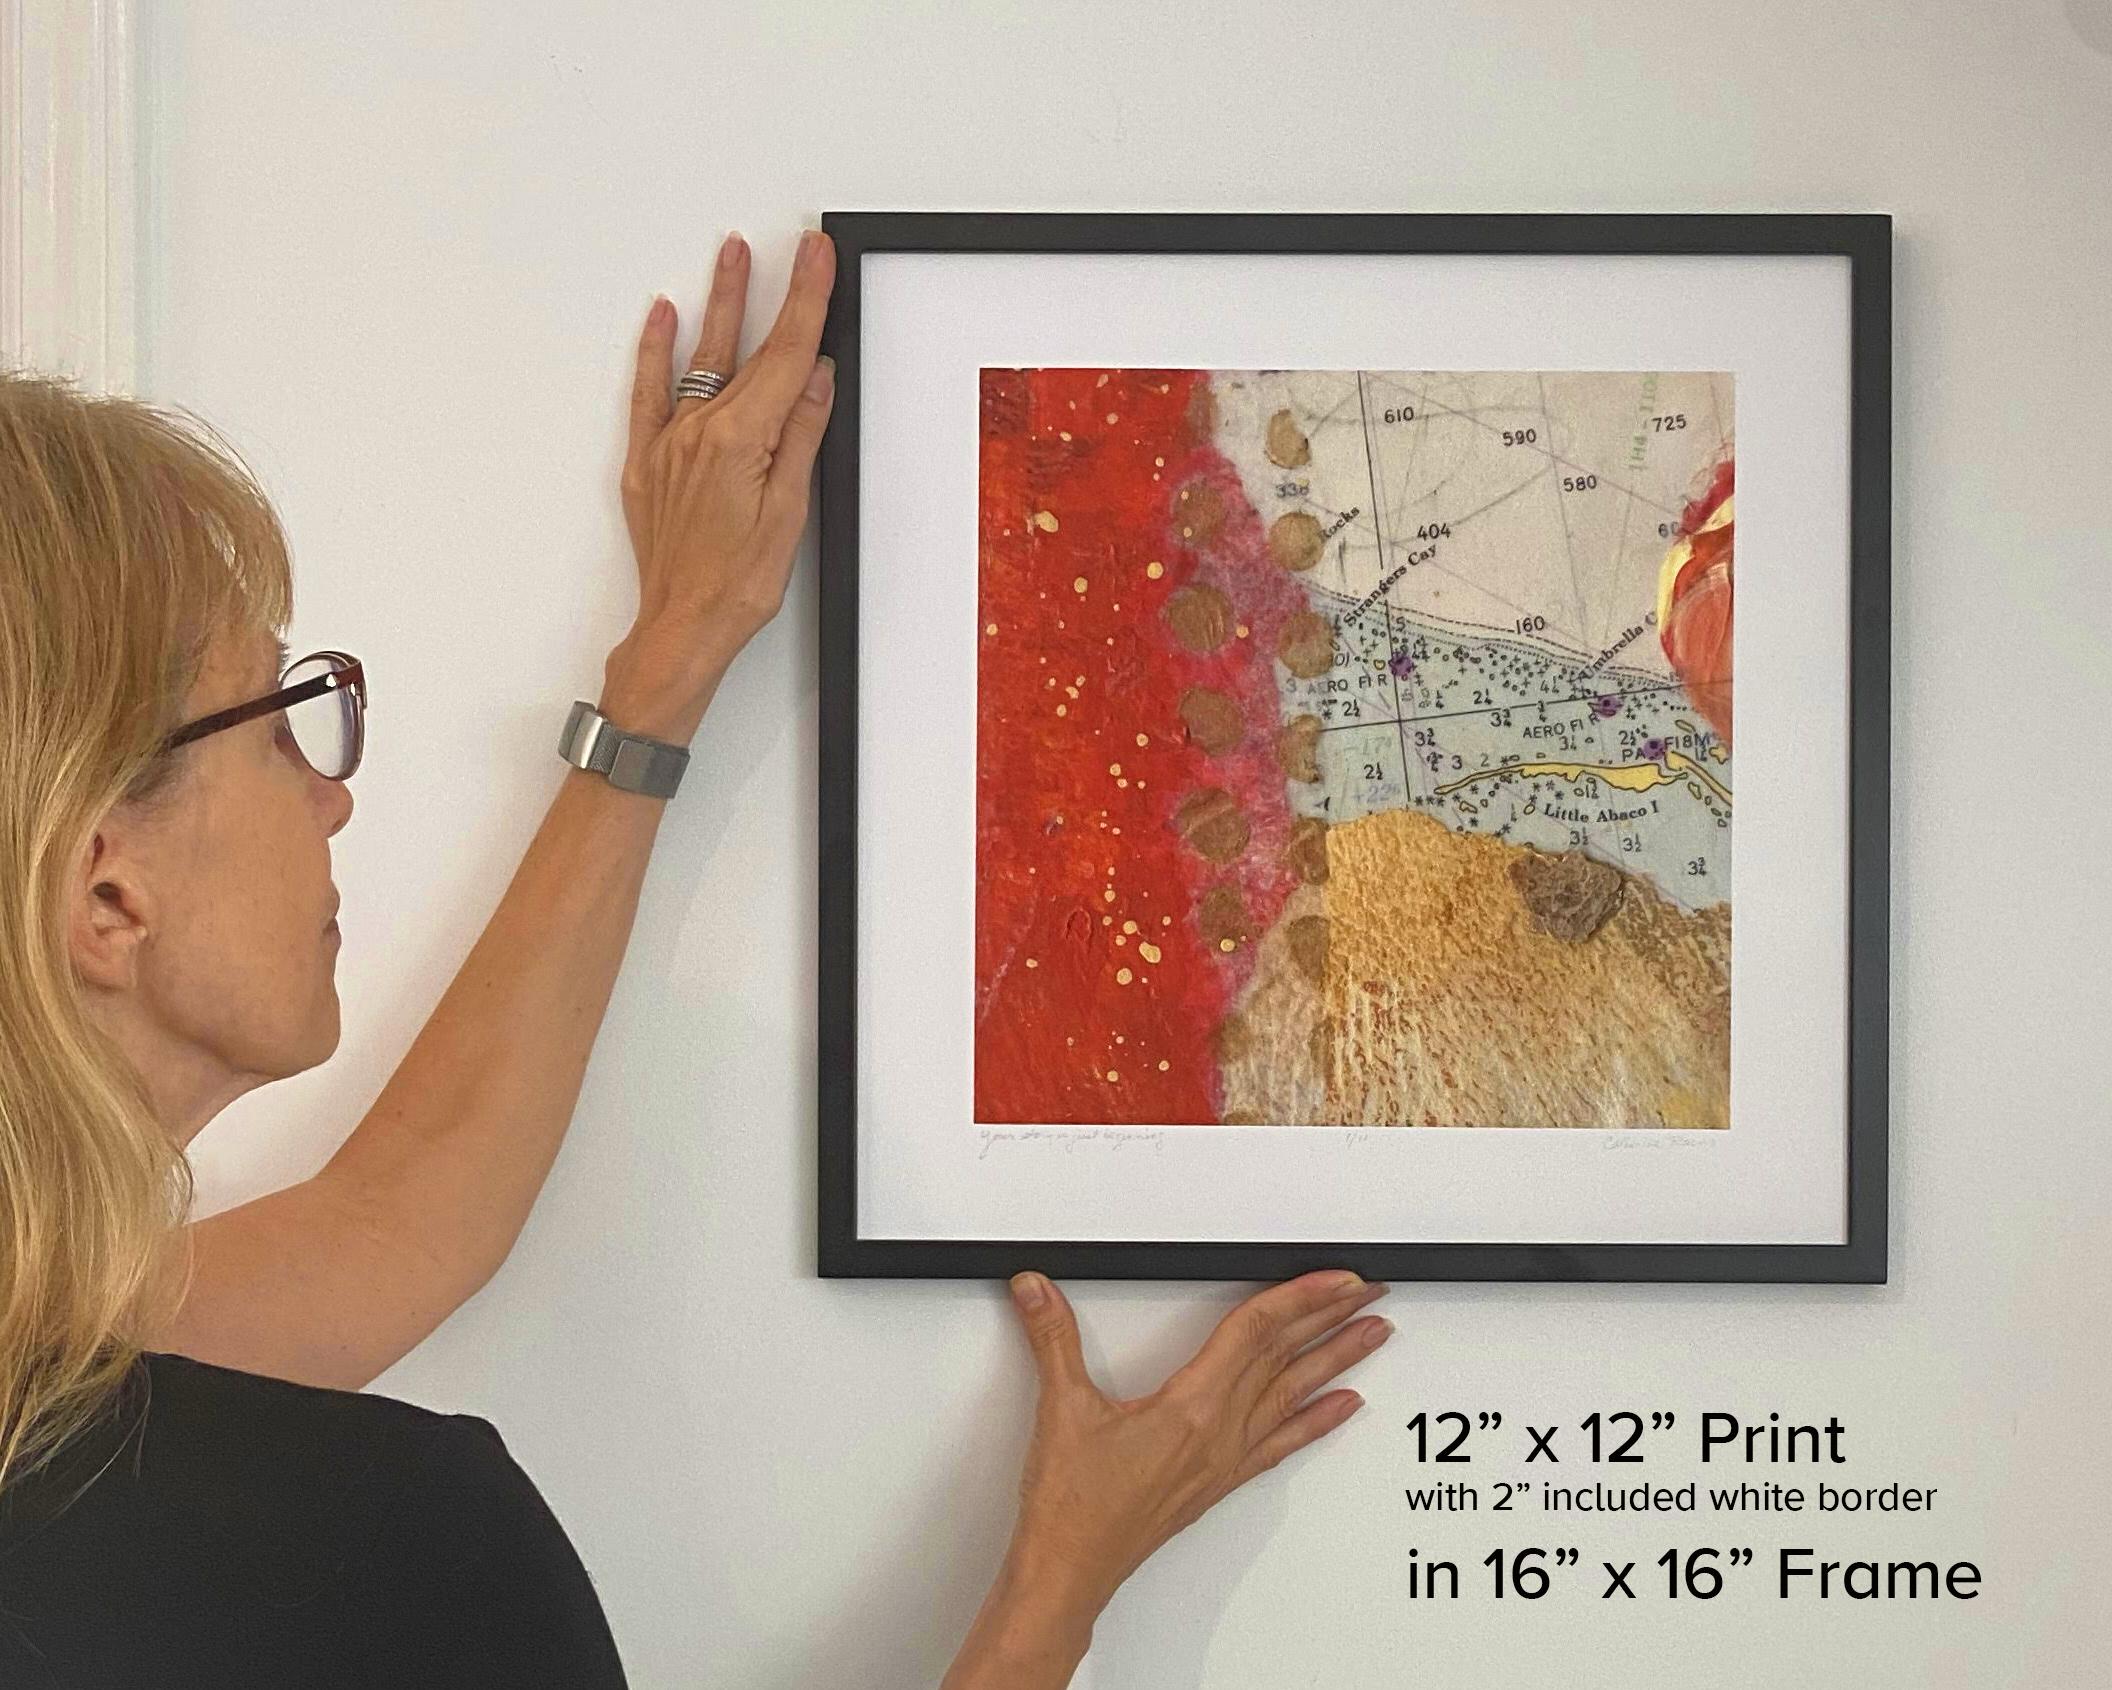 12x12 in 16 frame copy